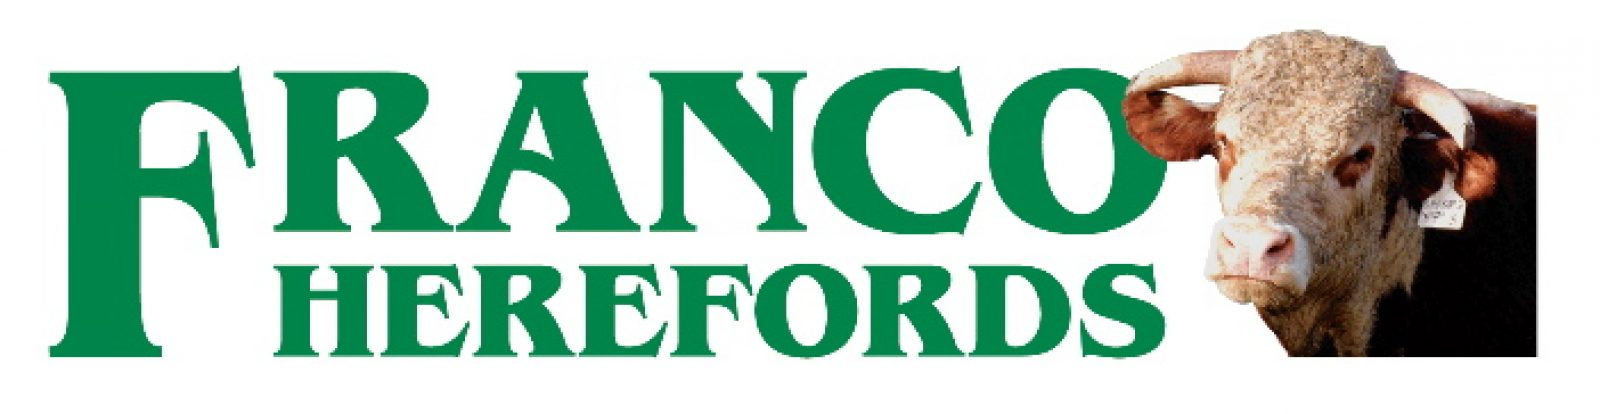 FRANCO QUINN Q610 (H)